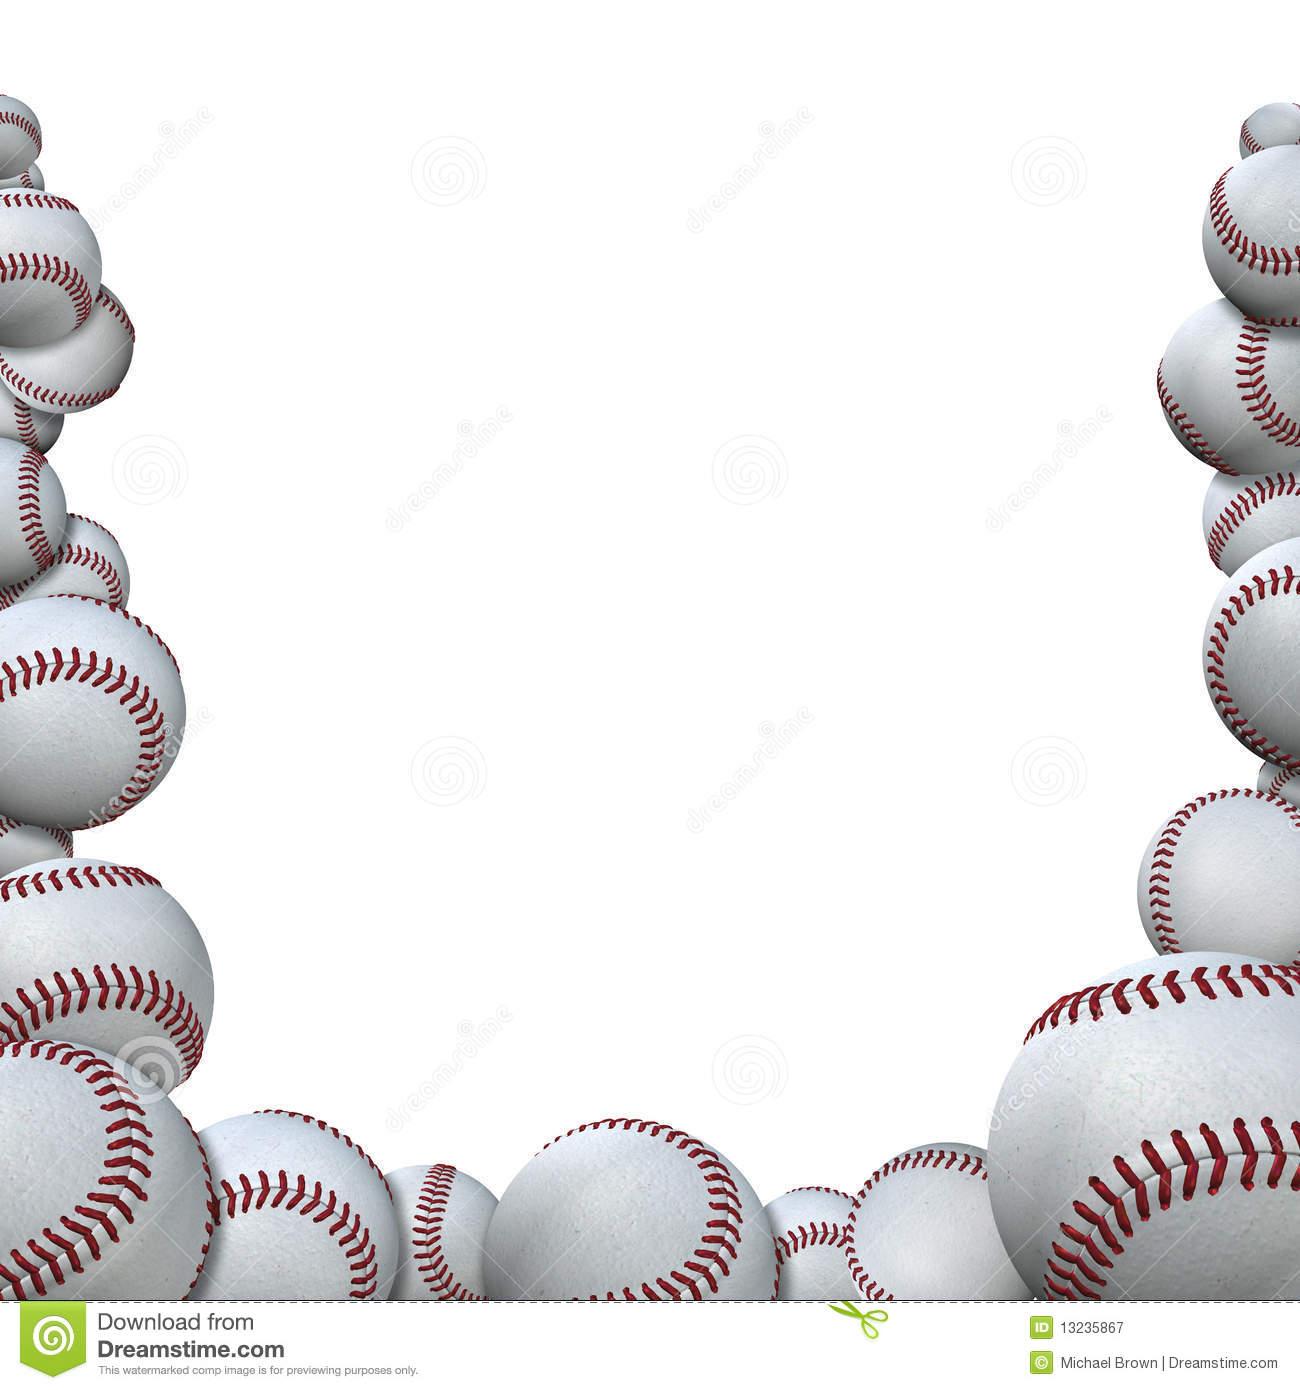 Many Baseballs Form Baseball Season Spor-Many Baseballs Form Baseball Season Sports Border Royalty Free Stock-16